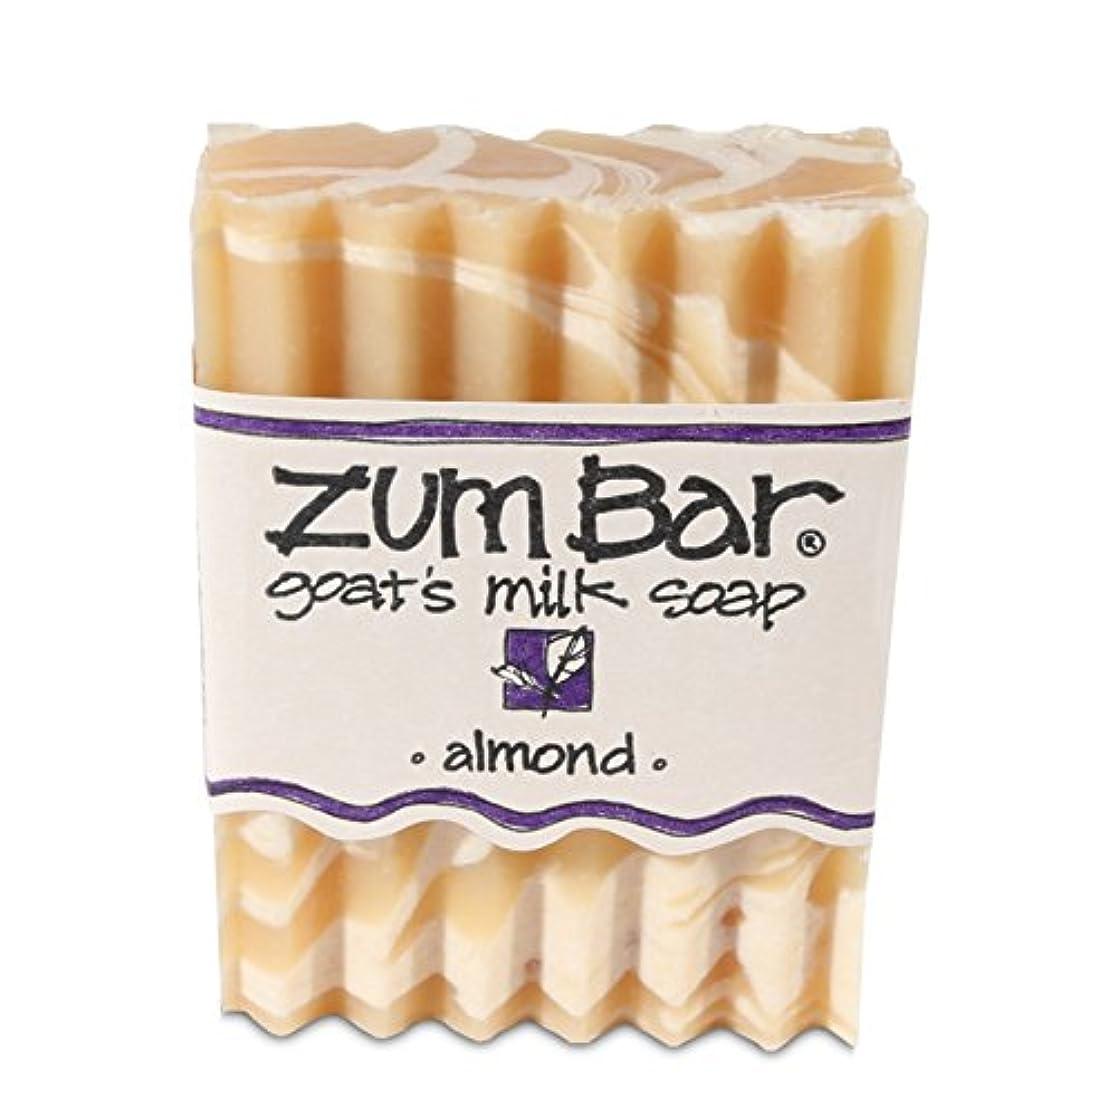 平等硫黄オンス海外直送品 Indigo Wild, Zum Bar, Goat's ミルク ソープ アーモンド , 3 Ounces (2個セット) (Almond) [並行輸入品]